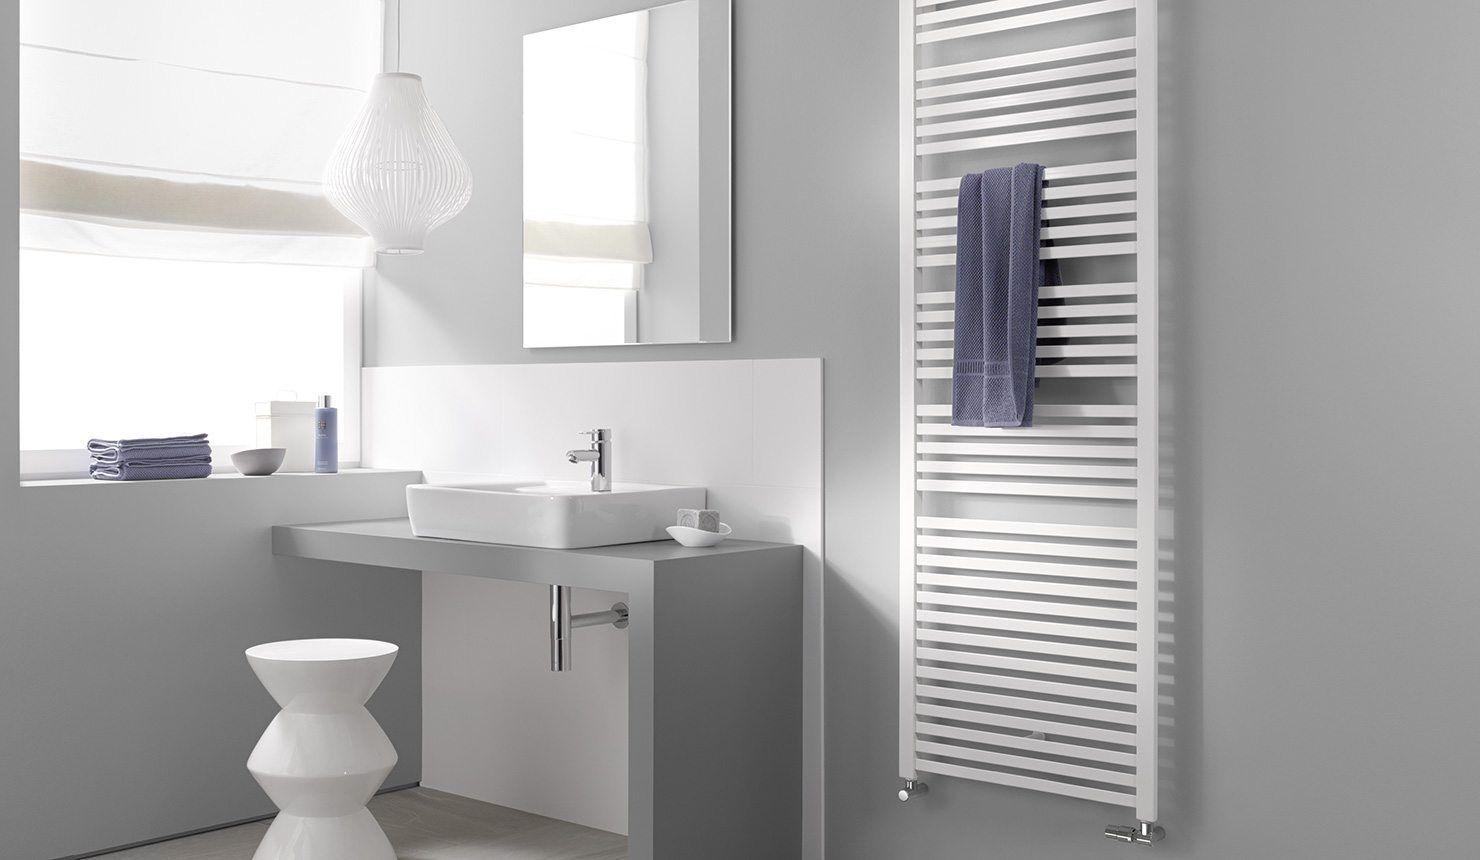 Balboa Prolux Badezimmer Wohnen Design